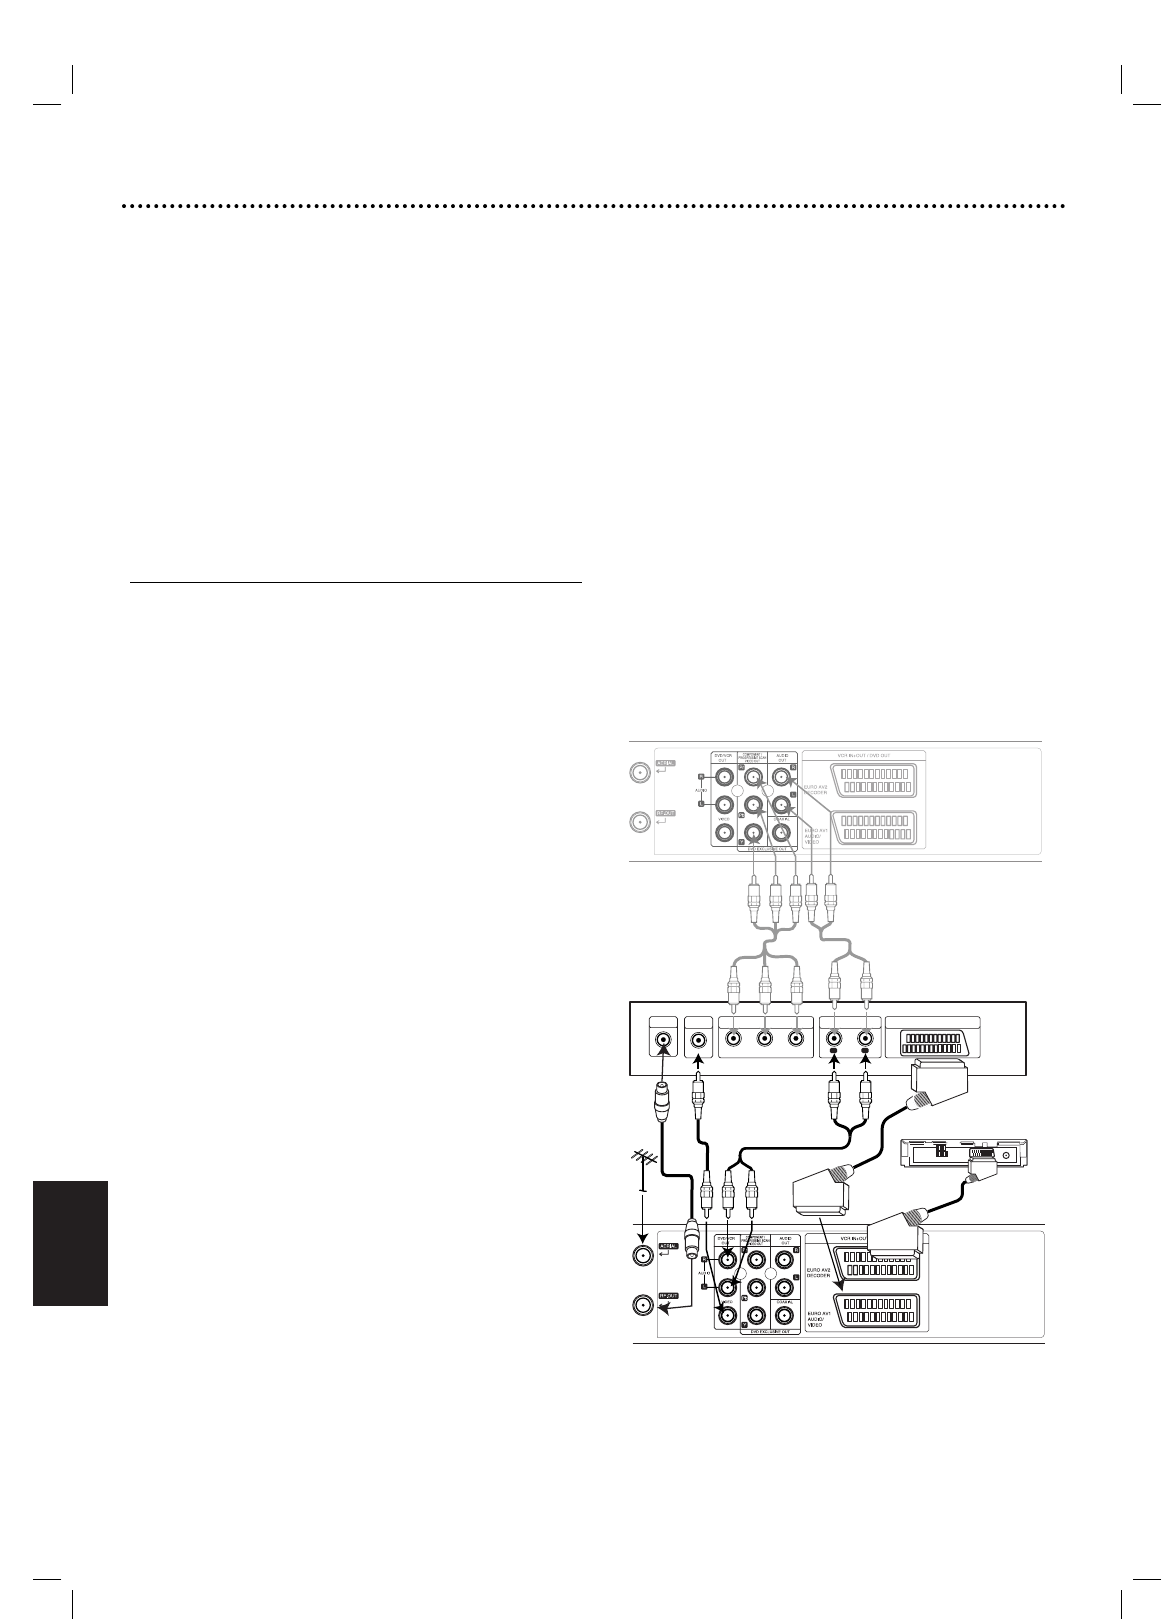 Philips DVP3100V/02 VP1003P2Z_NA5HPP_FIN_38J User Manual